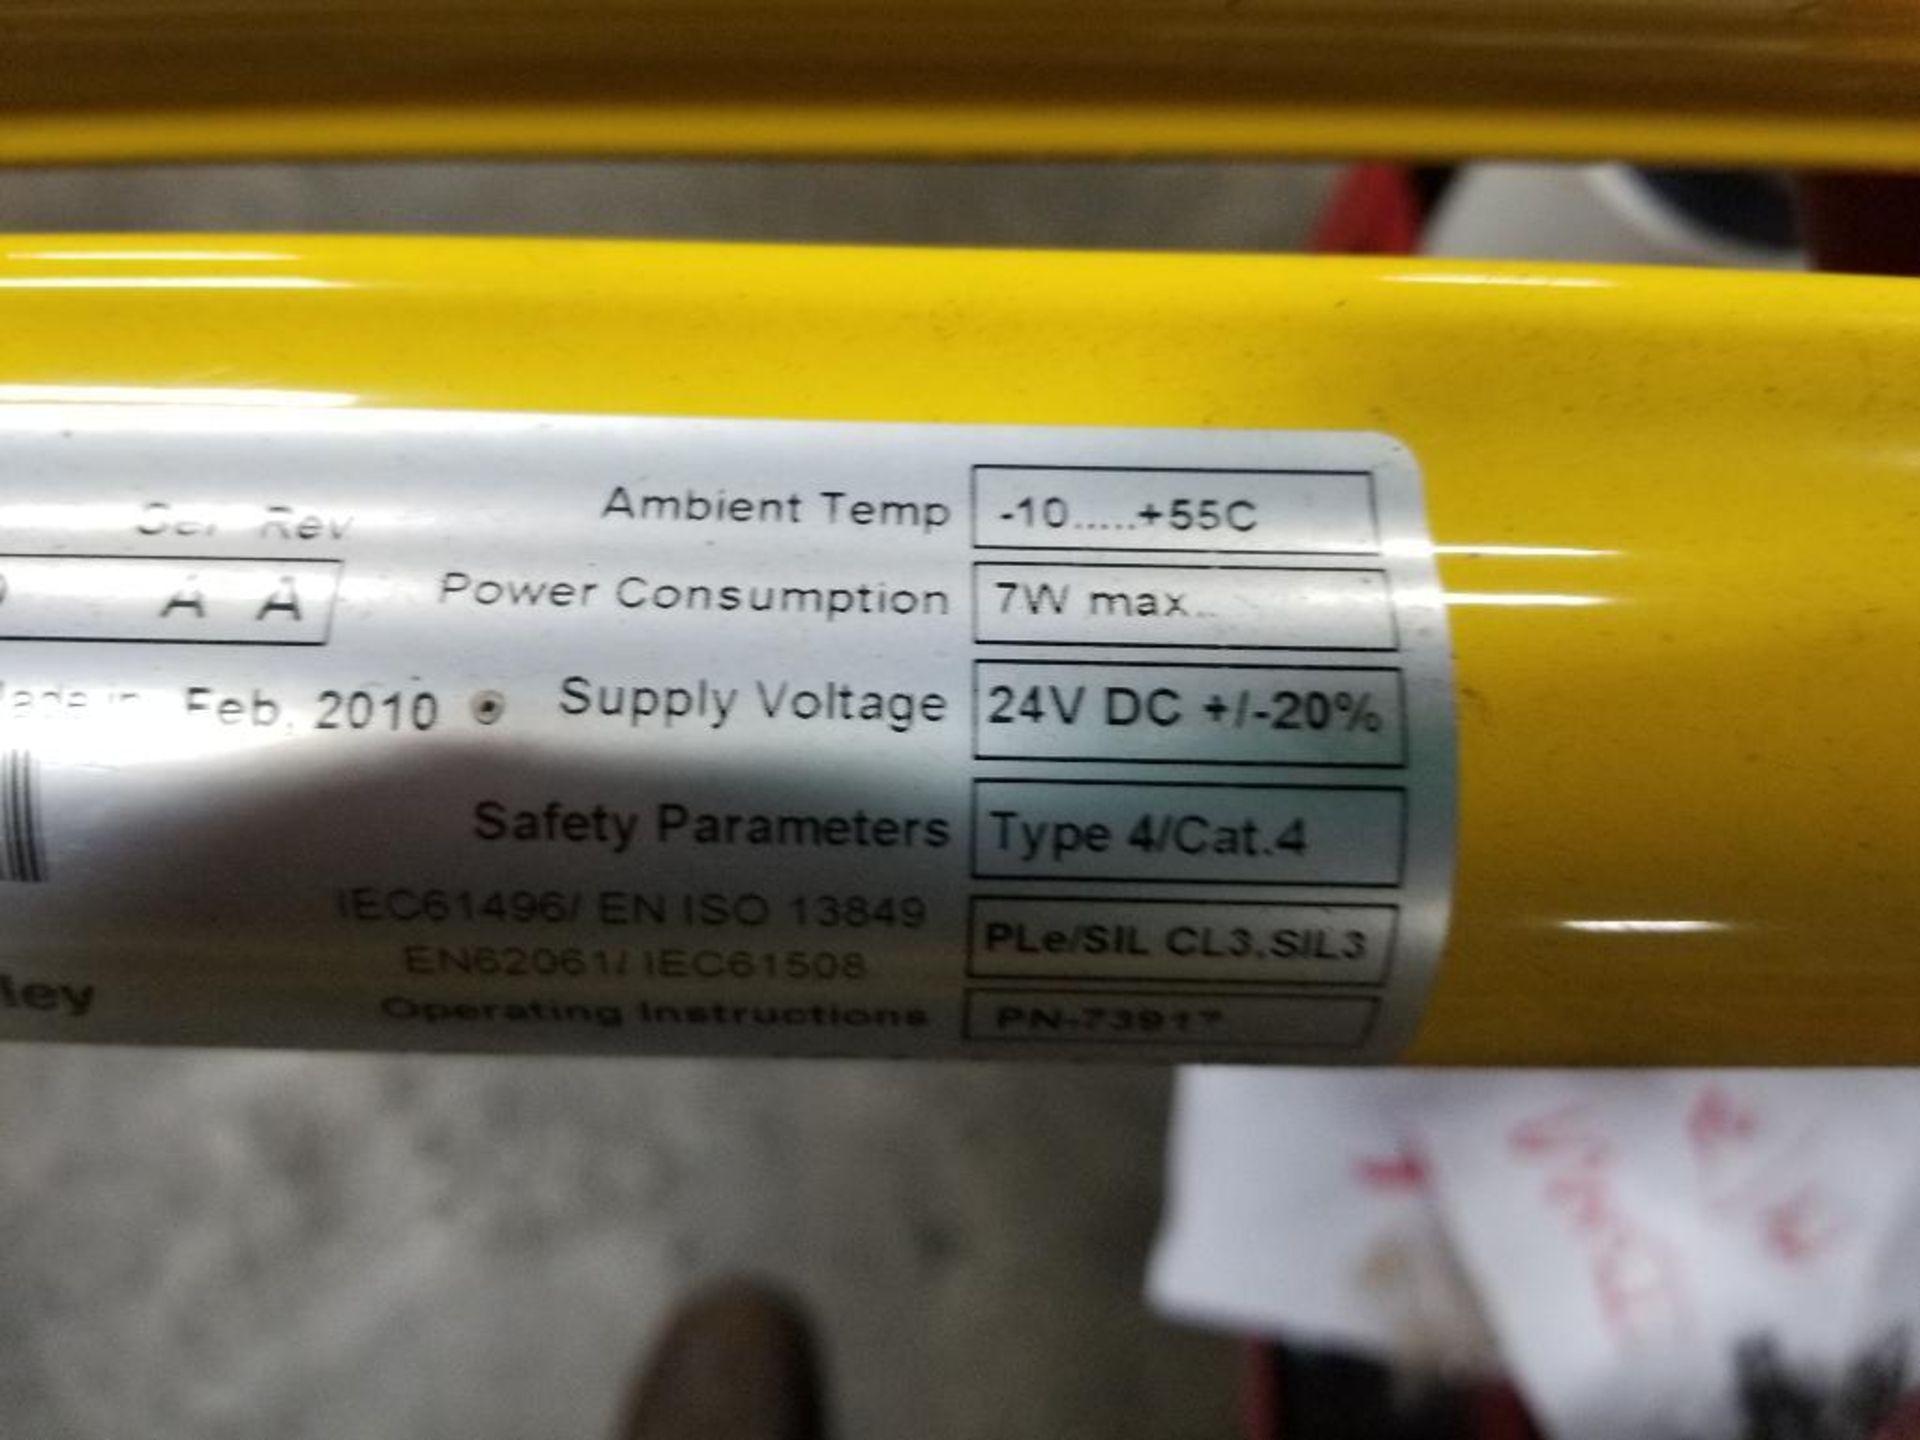 Allen Bradley Light curtain transmitter / receiver set. GuardMaster GuardShield T4J440YD 4K0AM1EF. - Image 8 of 23